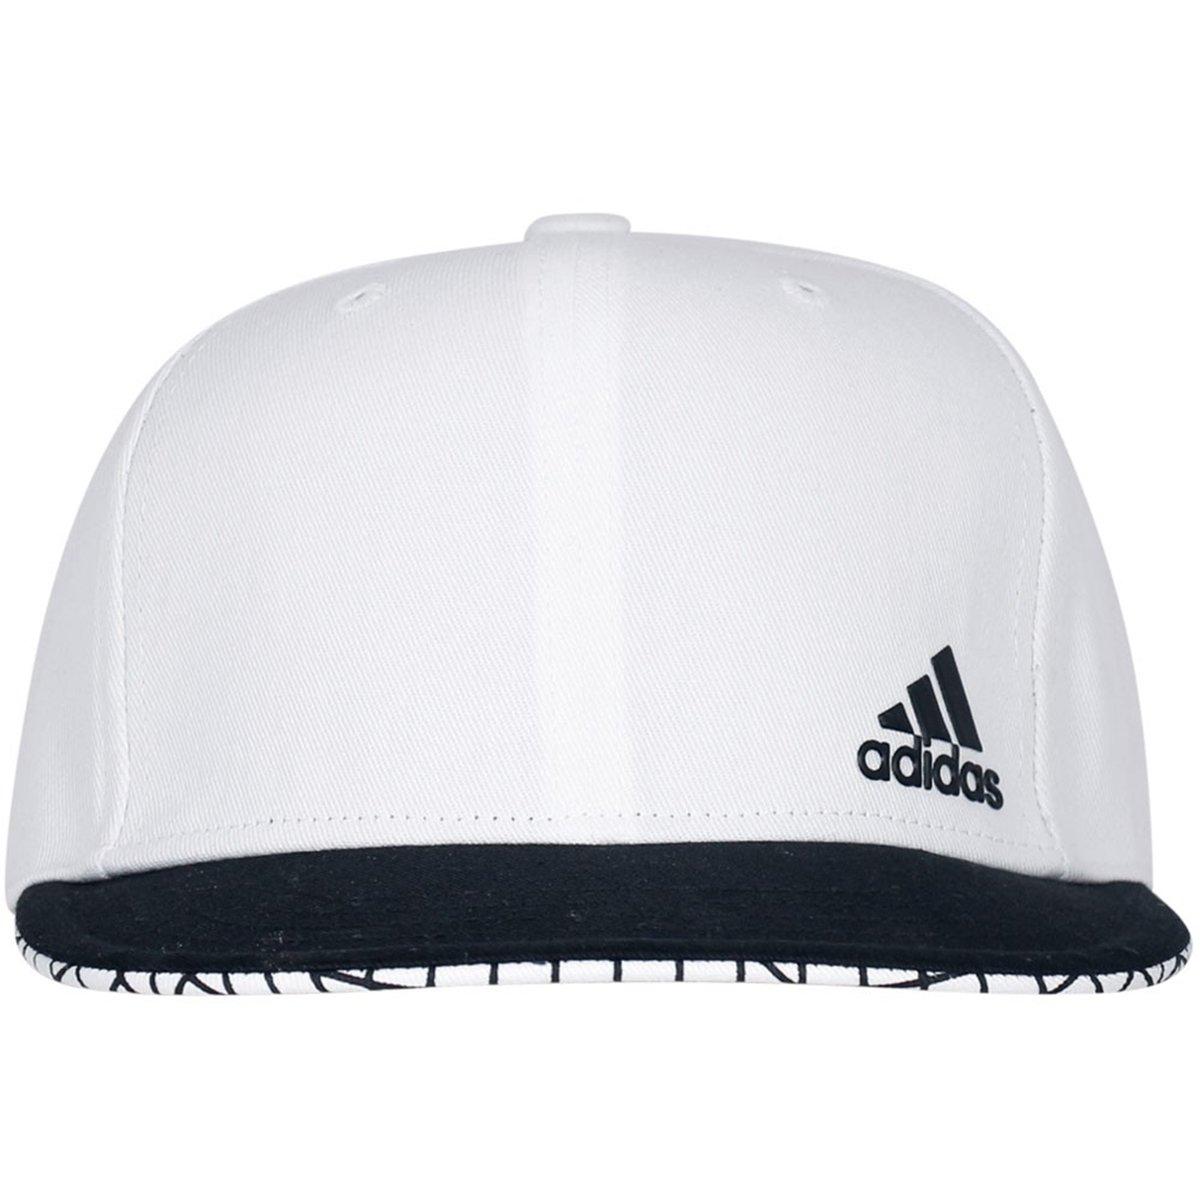 3fa270ef4 BONÉ ADIDAS FLAT CAP - Branco/Preto - Compre Agora | Radan Esportes